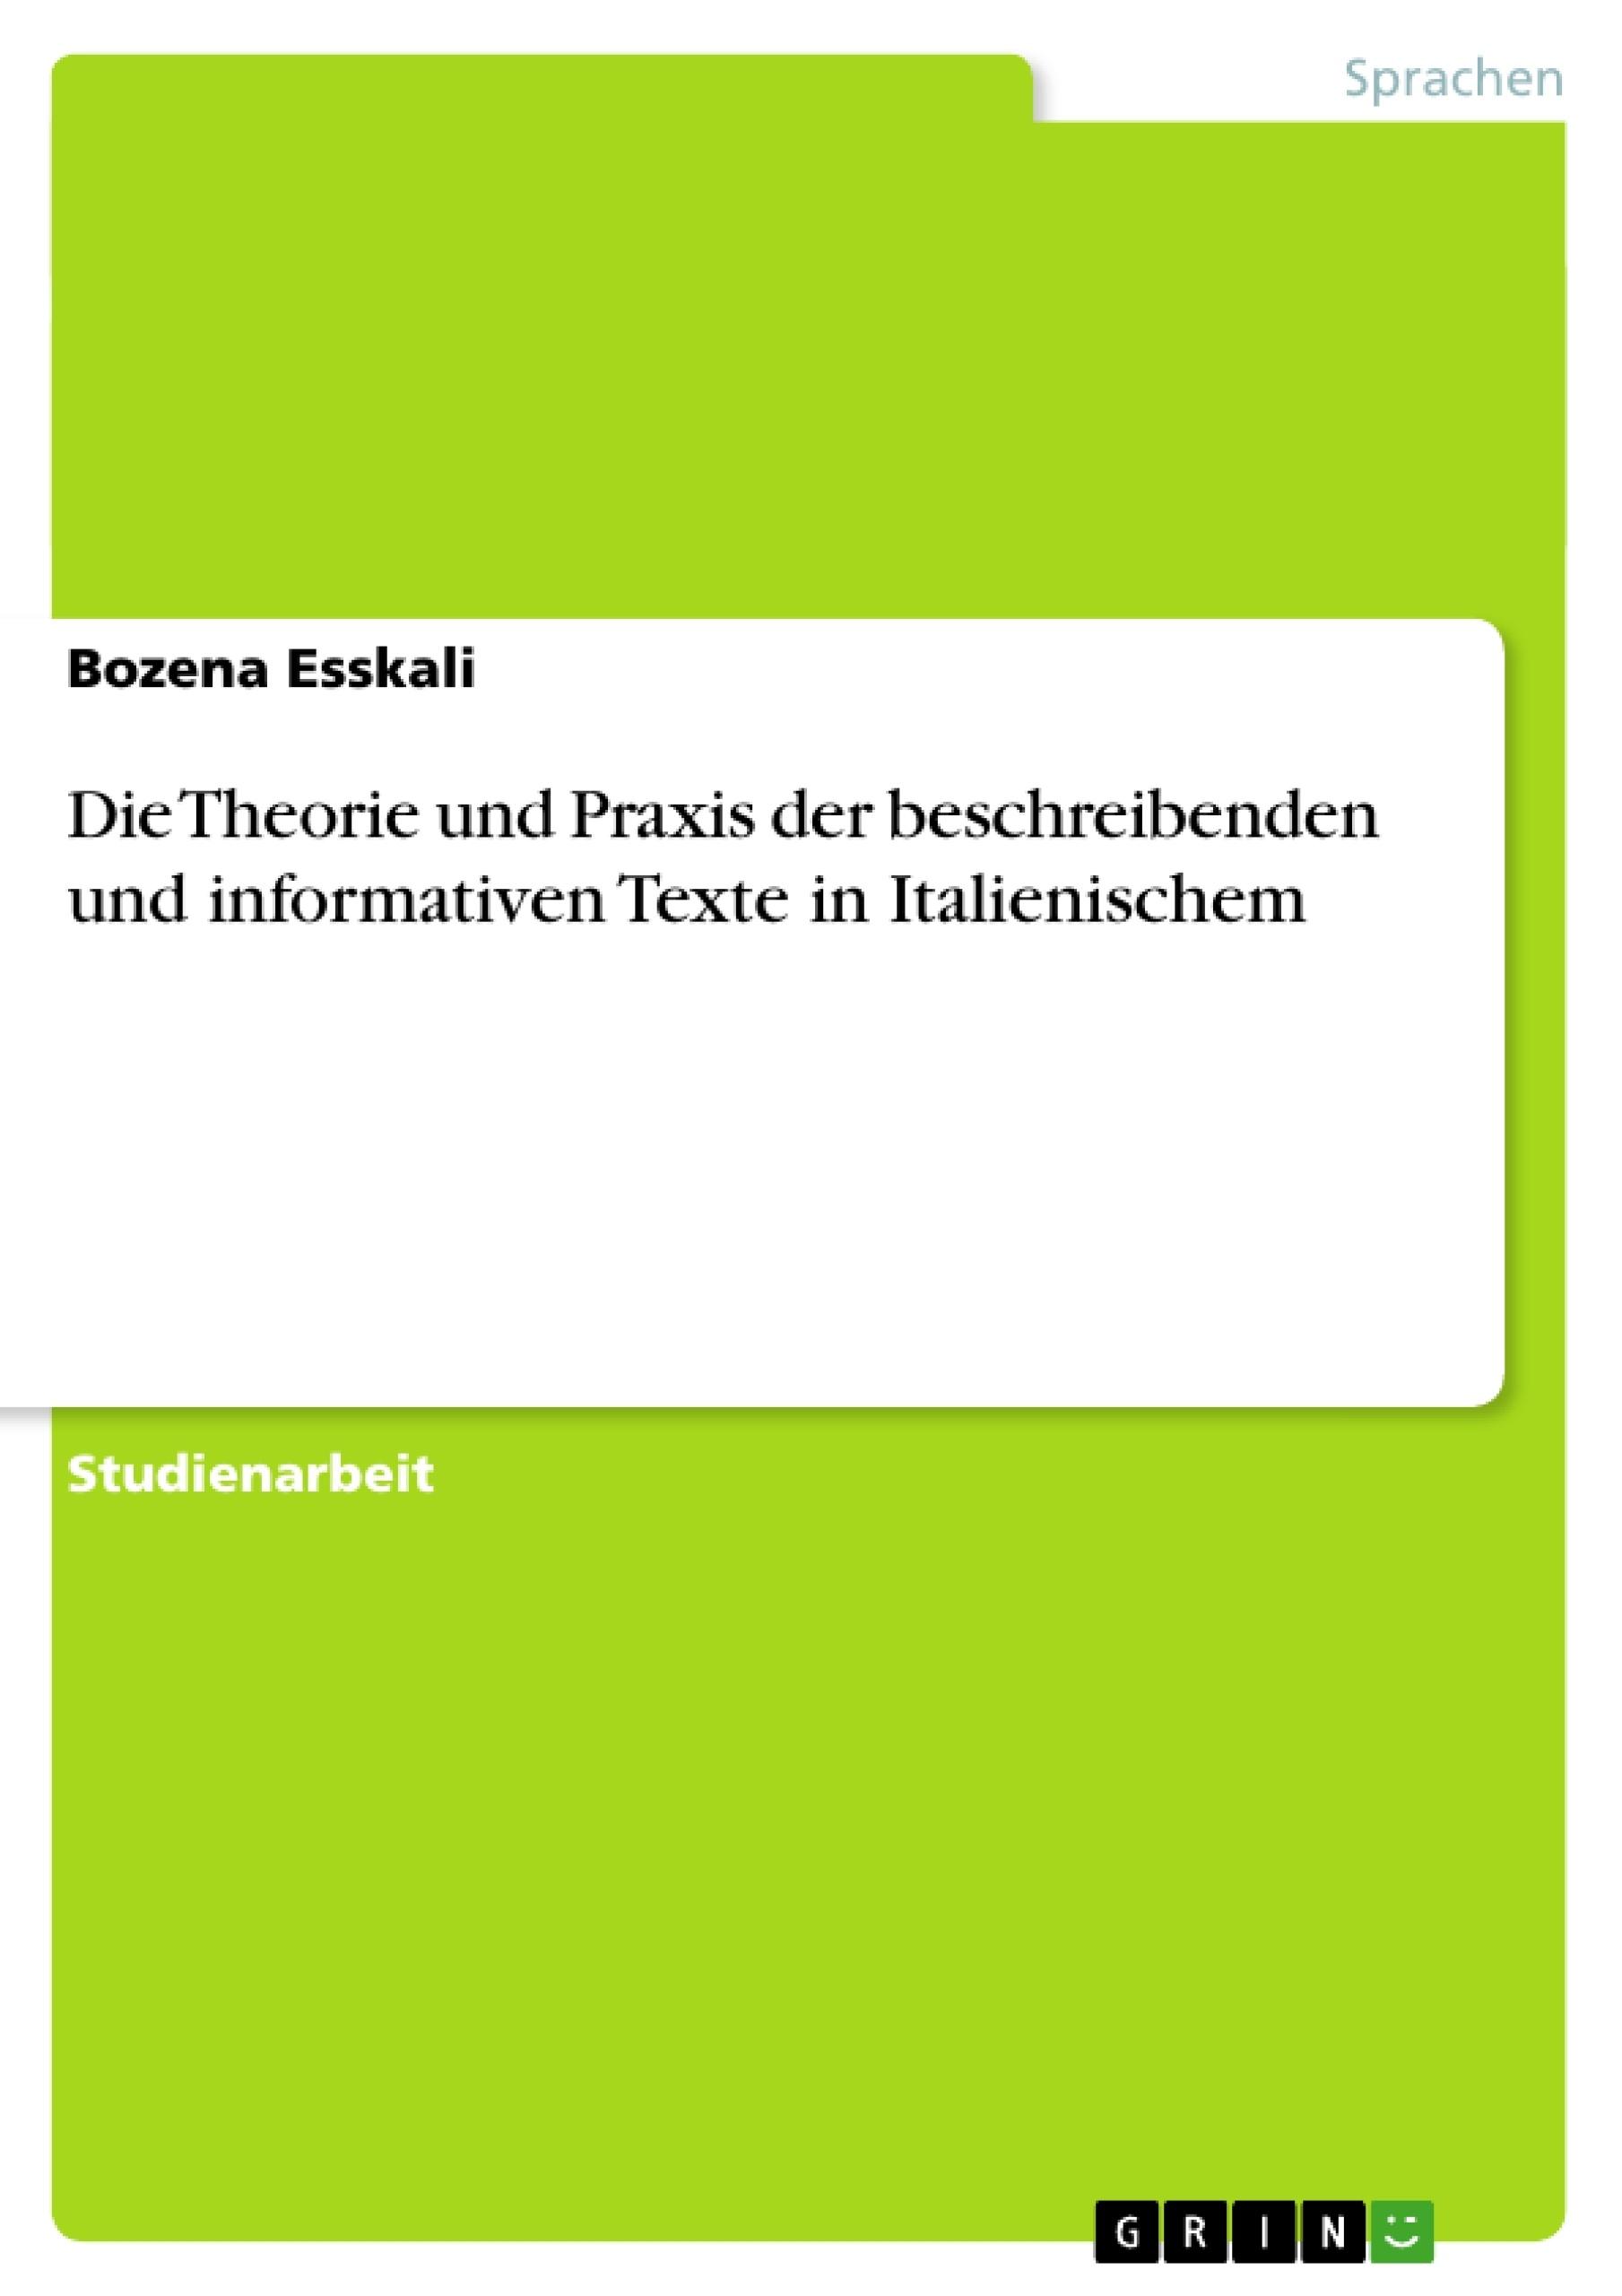 Titel: Die Theorie und Praxis der beschreibenden und informativen Texte im Italienischen